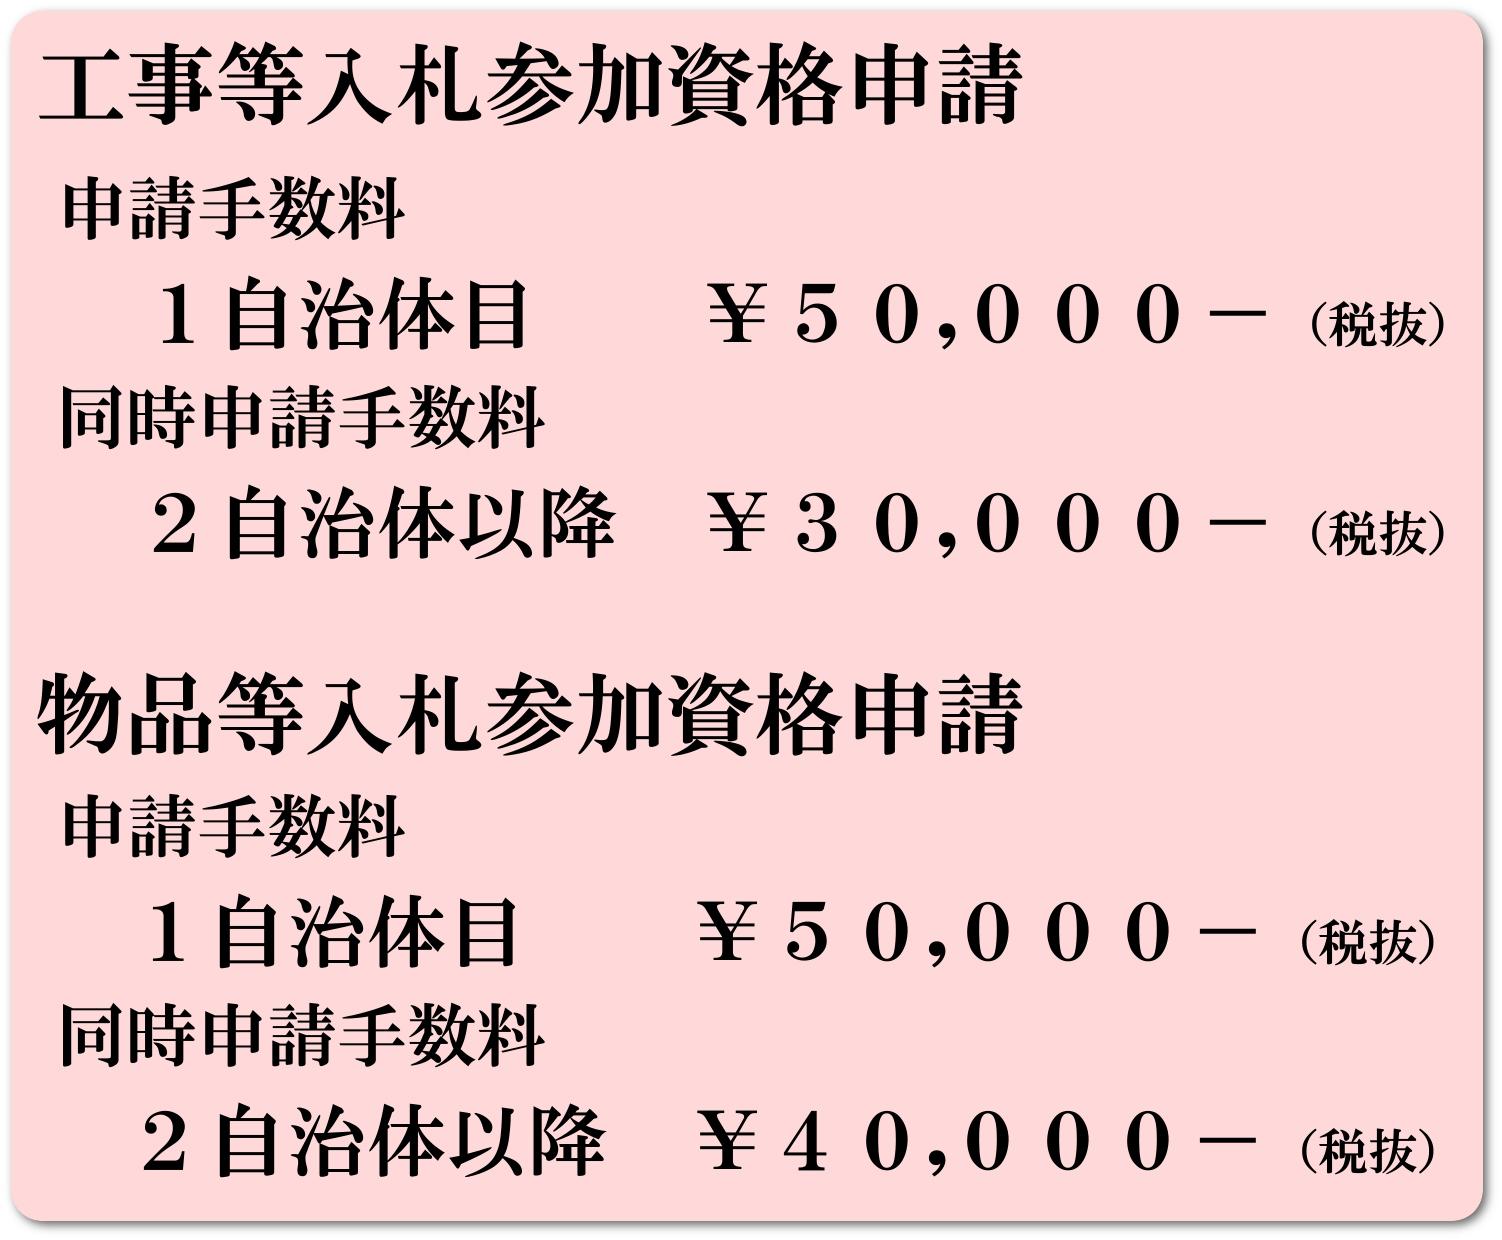 工事入札¥50,000-2件目以降¥30,000- 物品入札¥50,000-2件目以降¥40,000-